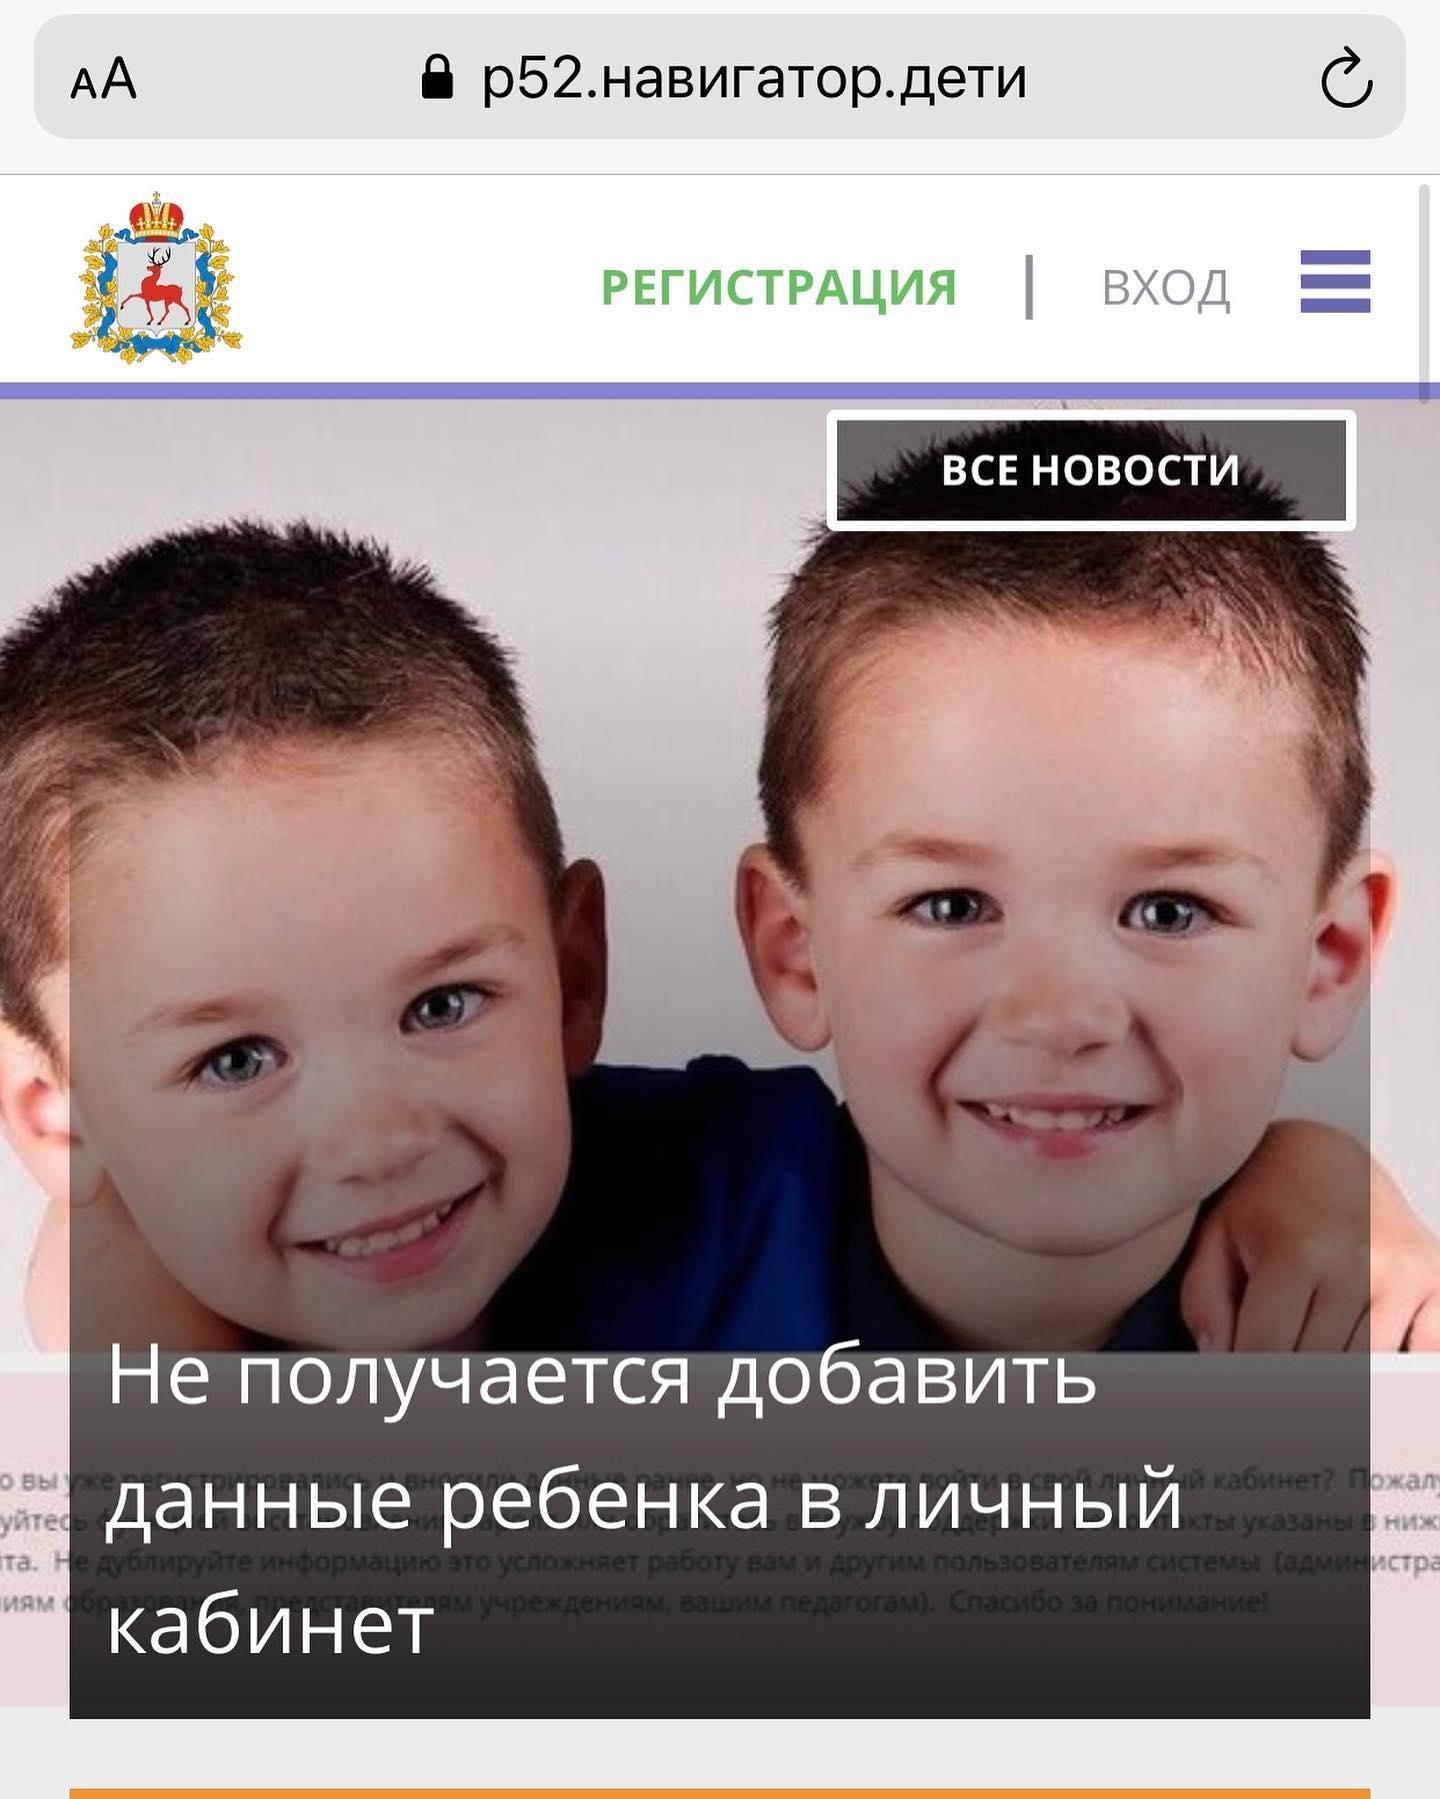 Фото: Фото со страницы Давида Мелика-Гусейнова в соцсети